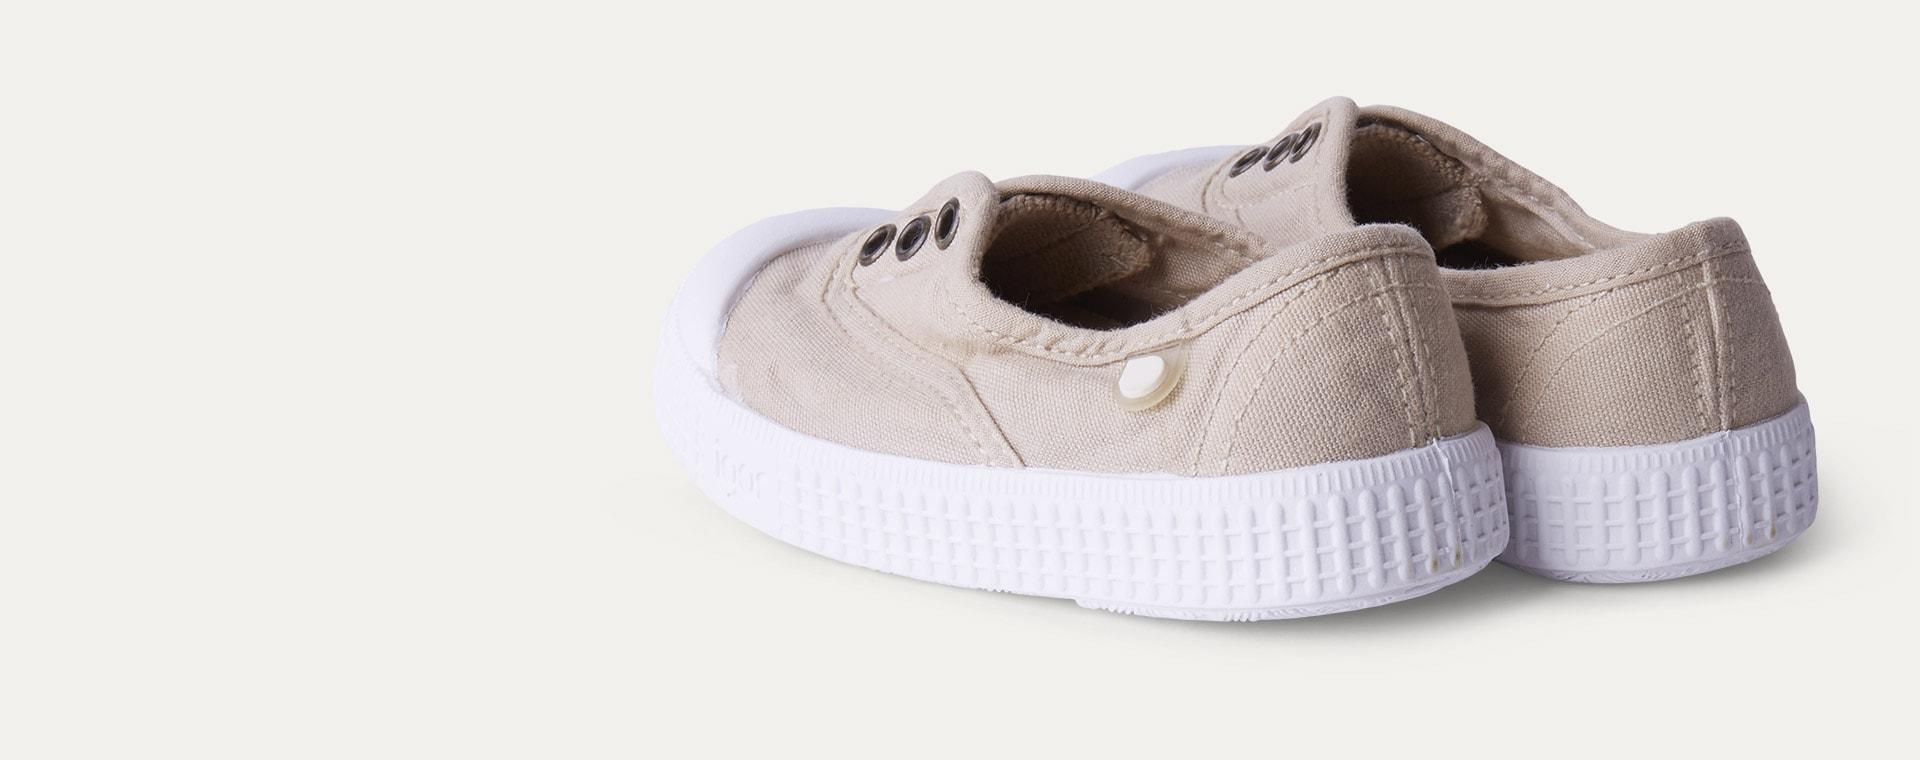 Beige igor Berri Tennis Shoe